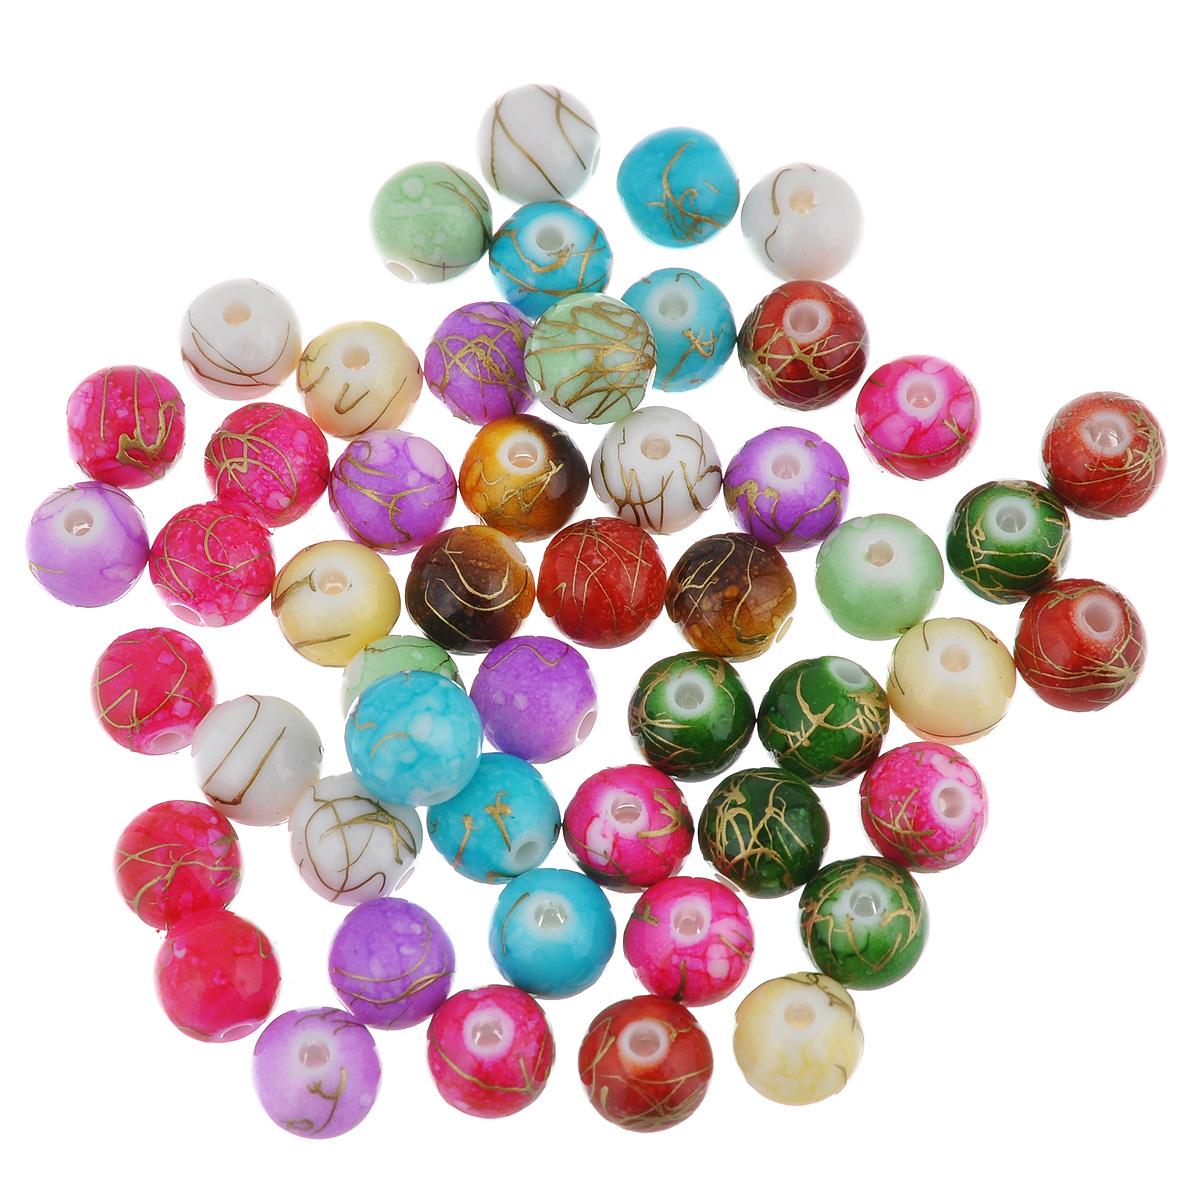 Бусины Астра Цветные камешки, диаметр 7 мм, 90 шт7710788Набор бусин Астра Цветные камешки, изготовленный из пластика, позволит вам своими руками создать оригинальные ожерелья, бусы или браслеты. Круглые цветные бусины изготовлены в виде камешков и имеют разводы с оригинальным золотистым узором. Изготовление украшений - занимательное хобби и реализация творческих способностей рукодельницы, это возможность создания неповторимого индивидуального подарка. Диаметр бусины: 7 мм.